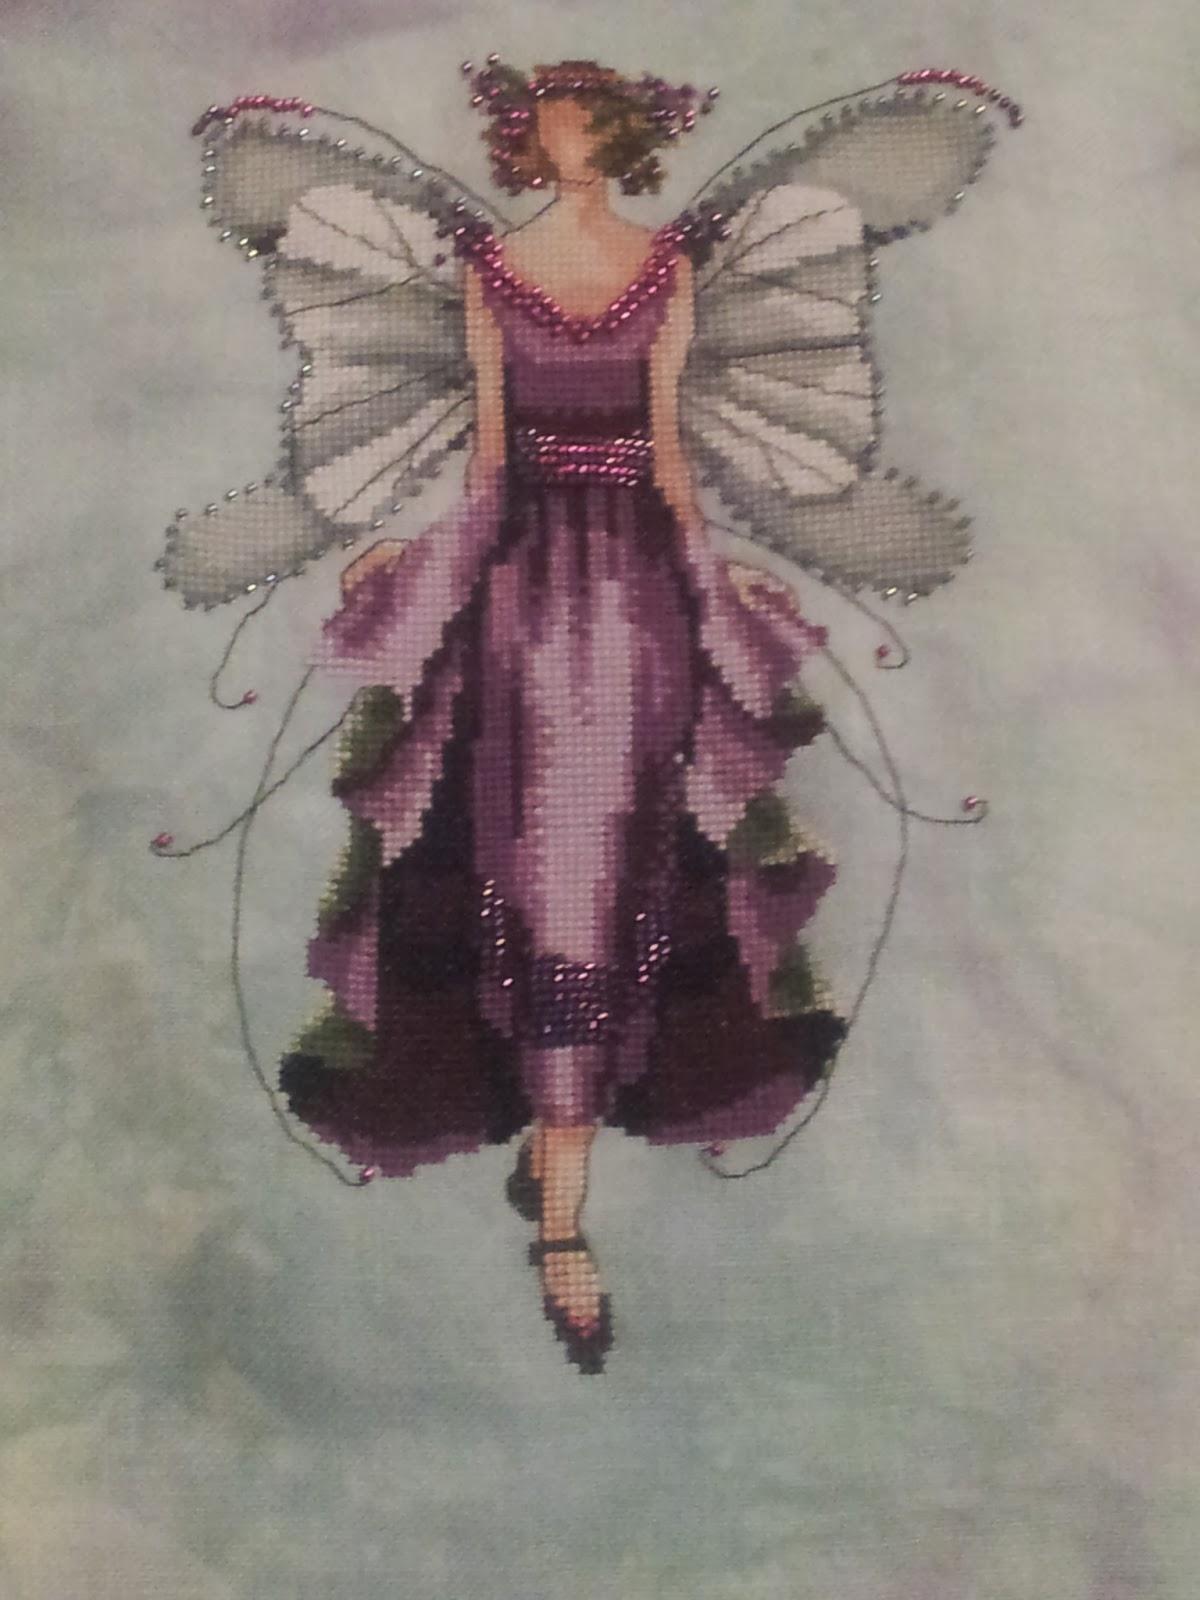 Violet Mirabilia